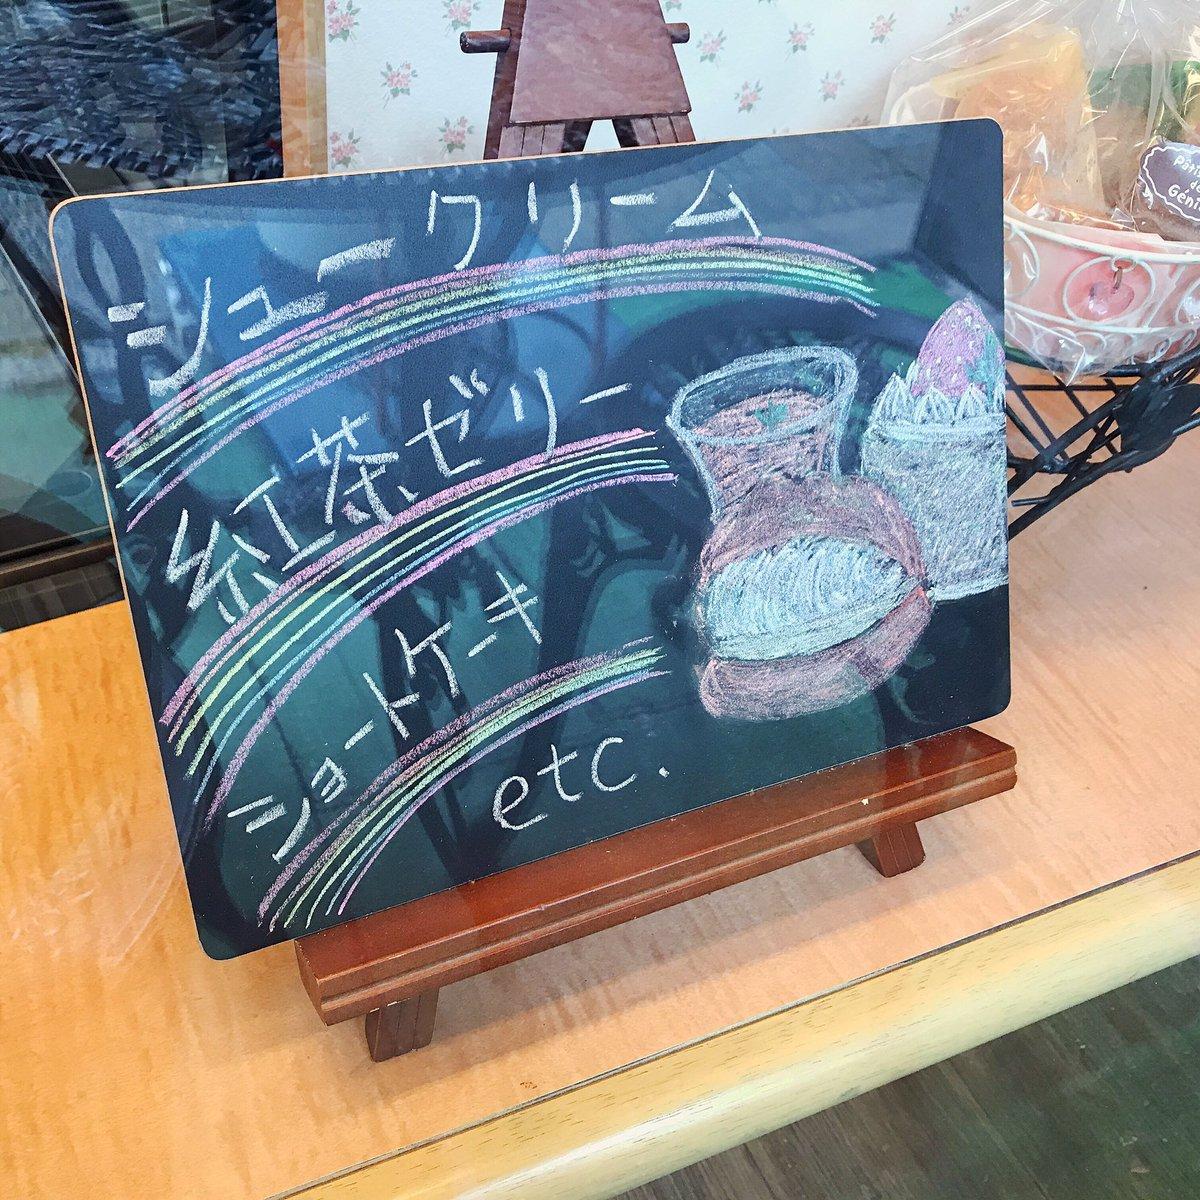 🌟チョークでお絵かき🌟  久しぶりにチョークで 描いてみました😊💫 悪戦苦闘の末の シュークリーム・ケーキ・ゼリーです✨  https://t.co/Yfyi8XNrt3  #京都二条寺町ジェニアル#ジェニアル#ケーキ#誕生日#イチゴショート#イチゴ#フォートナム&メイソン#紅茶ゼリー#チョークアート